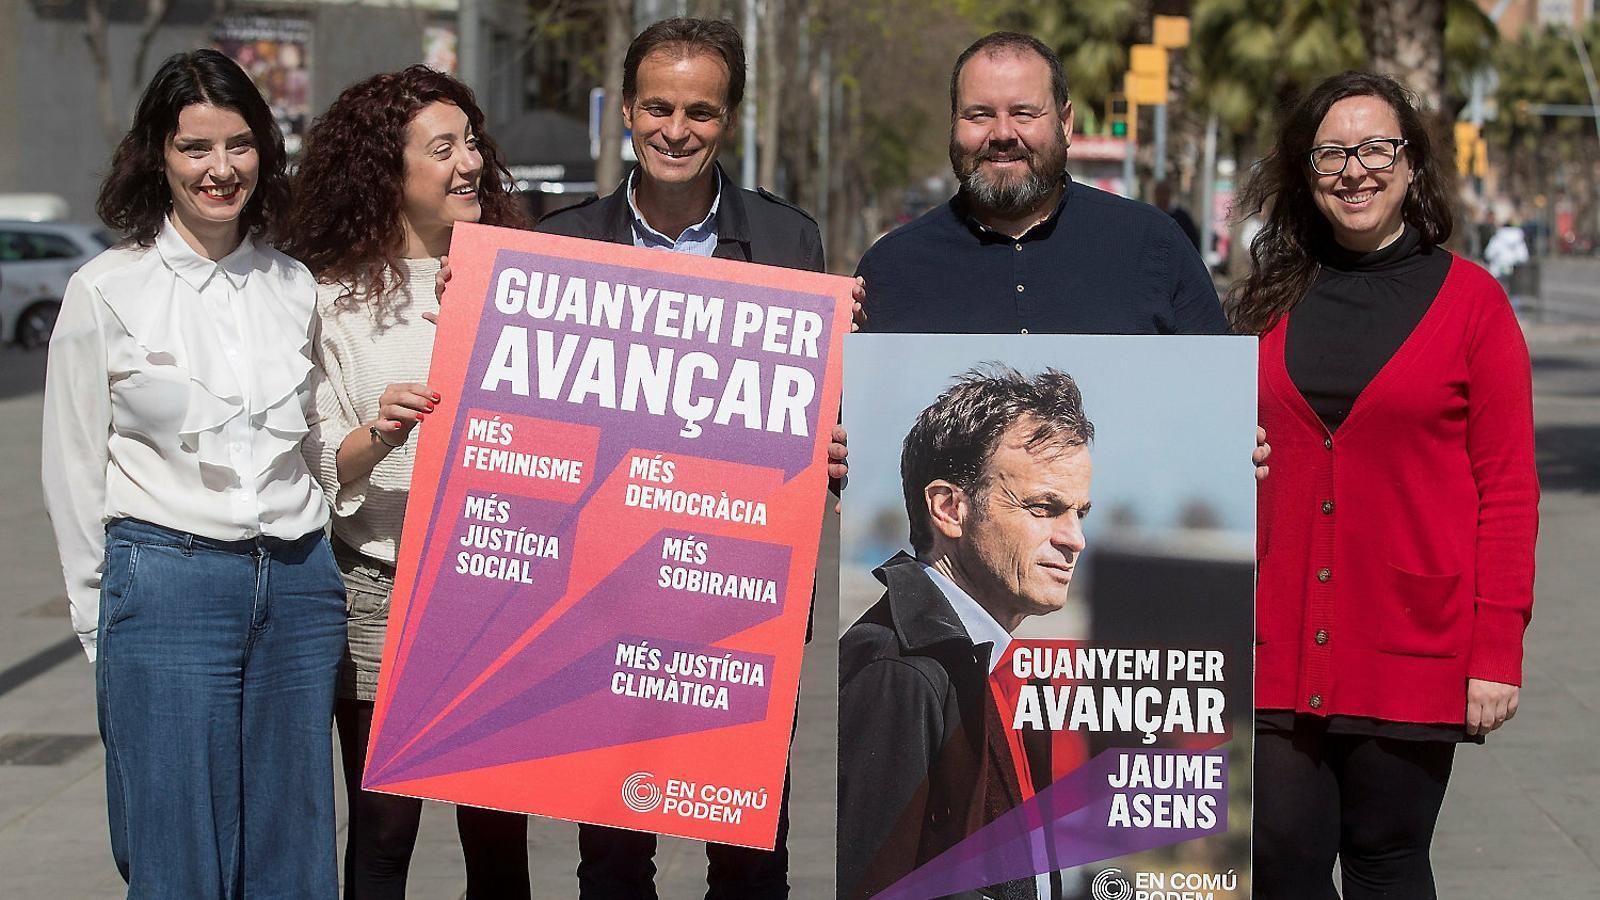 Els comuns releguen Podem a un segon pla en la campanya